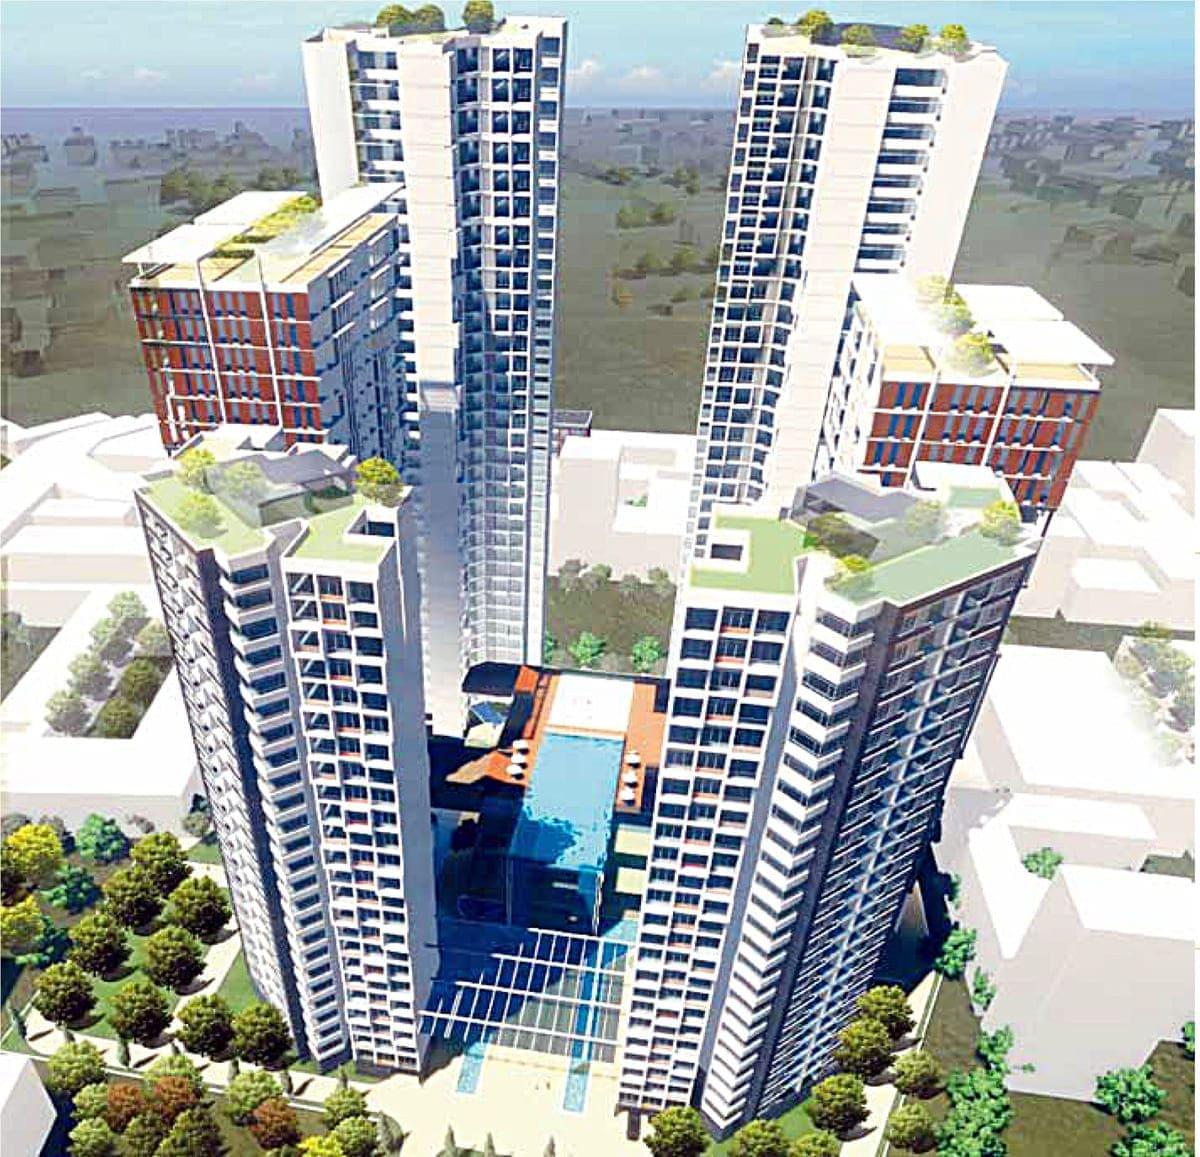 Phối cảnh dự án căn hộ Phú Thọ DMC Lý Thường Kiệt Quận 10